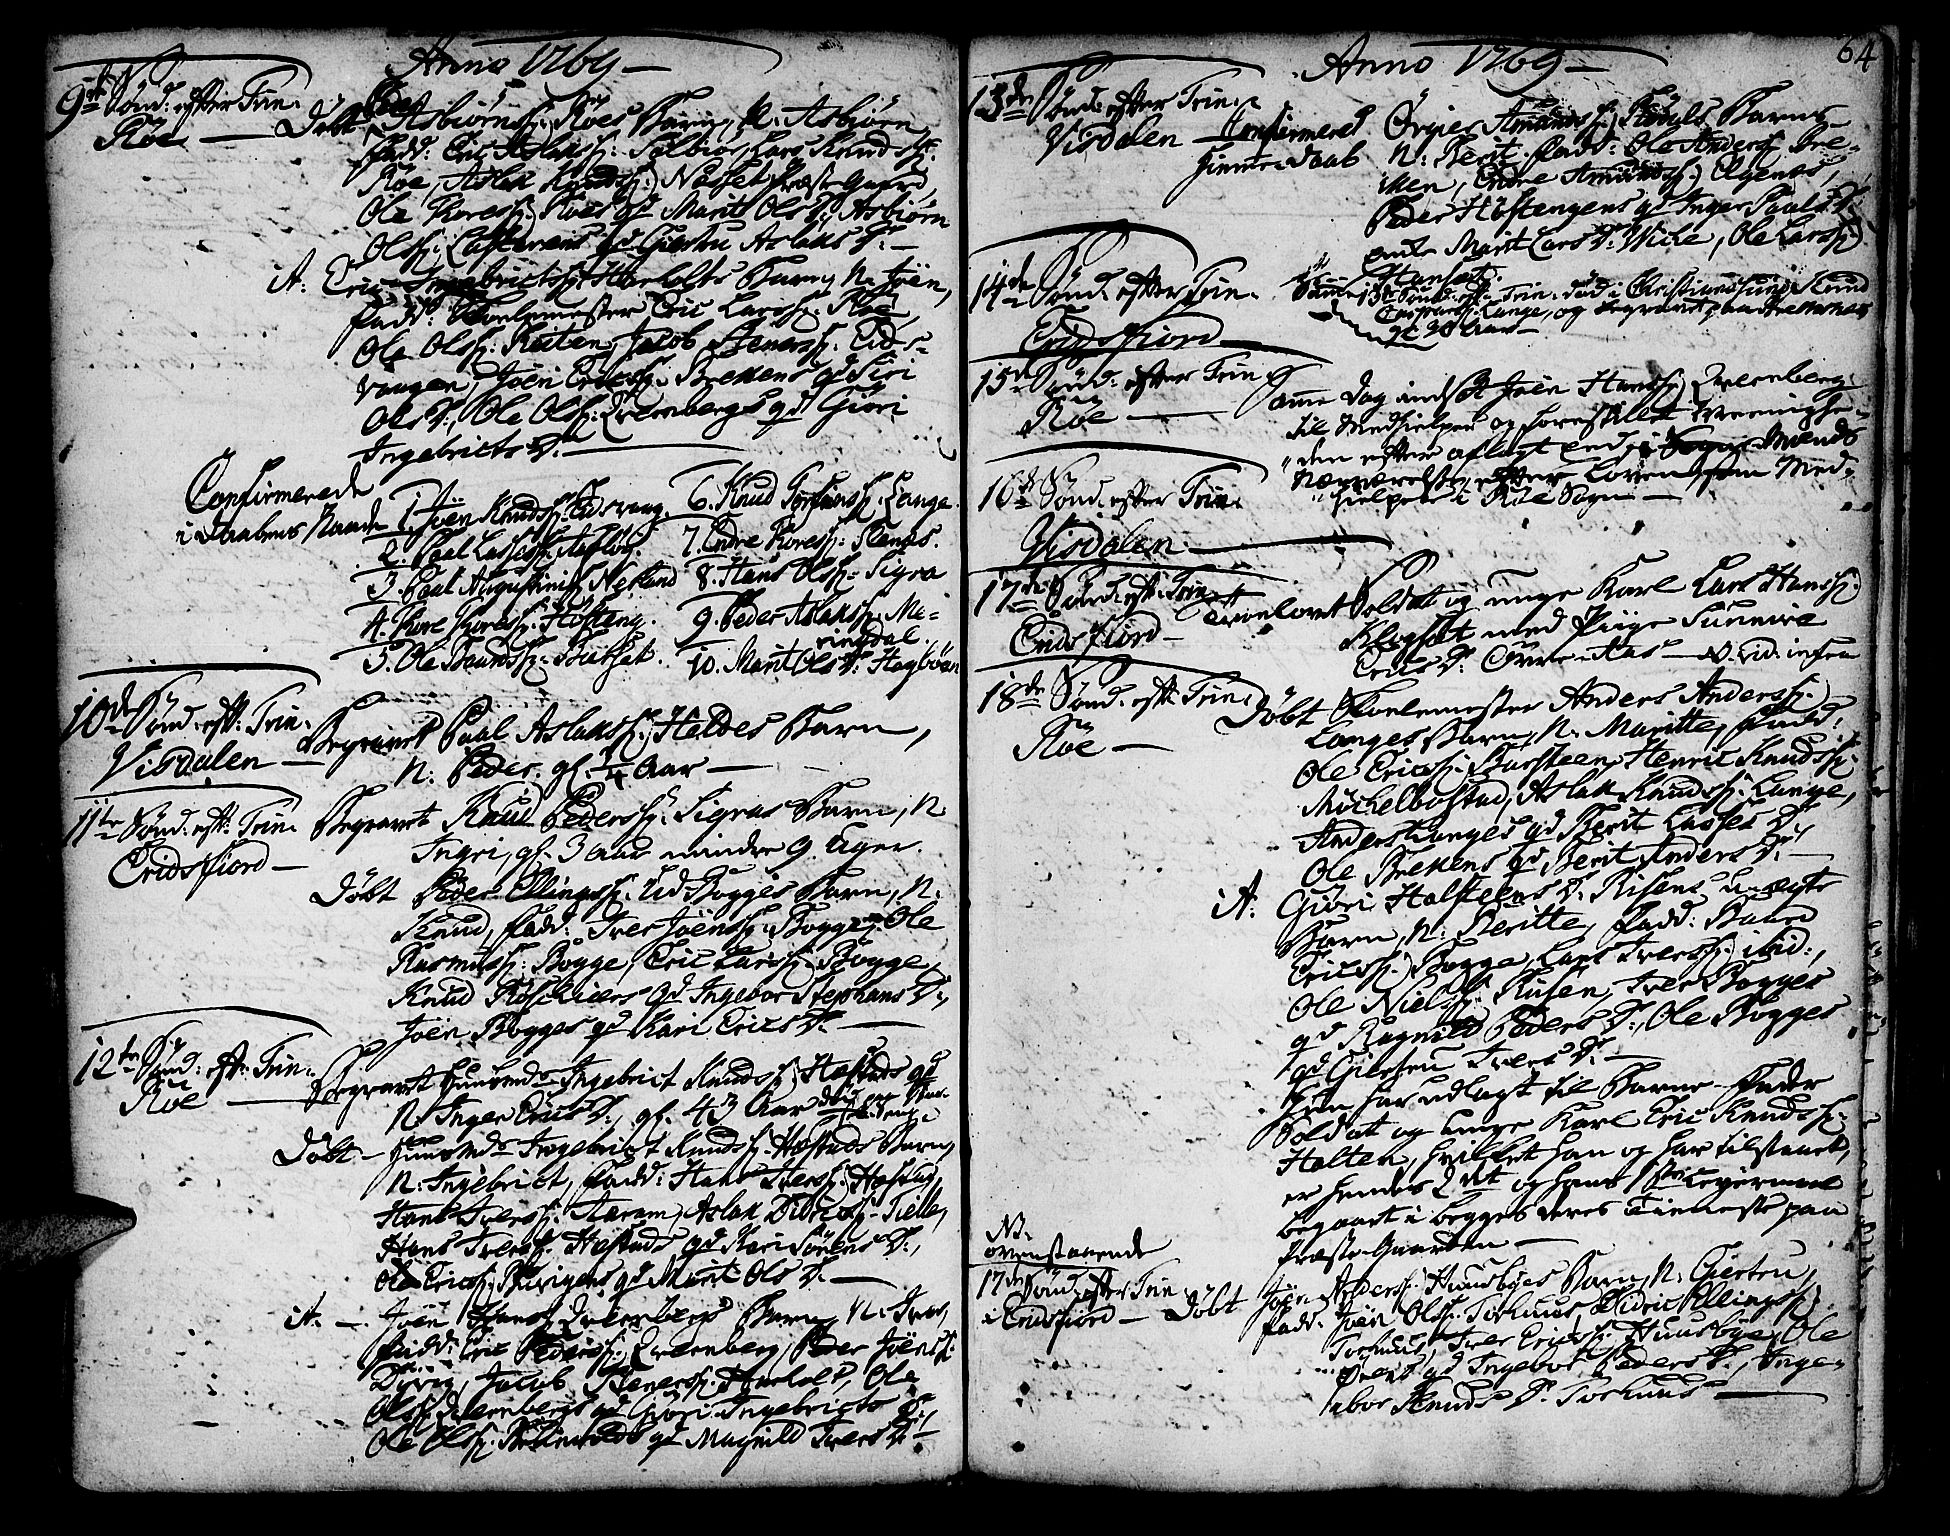 SAT, Ministerialprotokoller, klokkerbøker og fødselsregistre - Møre og Romsdal, 551/L0621: Ministerialbok nr. 551A01, 1757-1803, s. 64